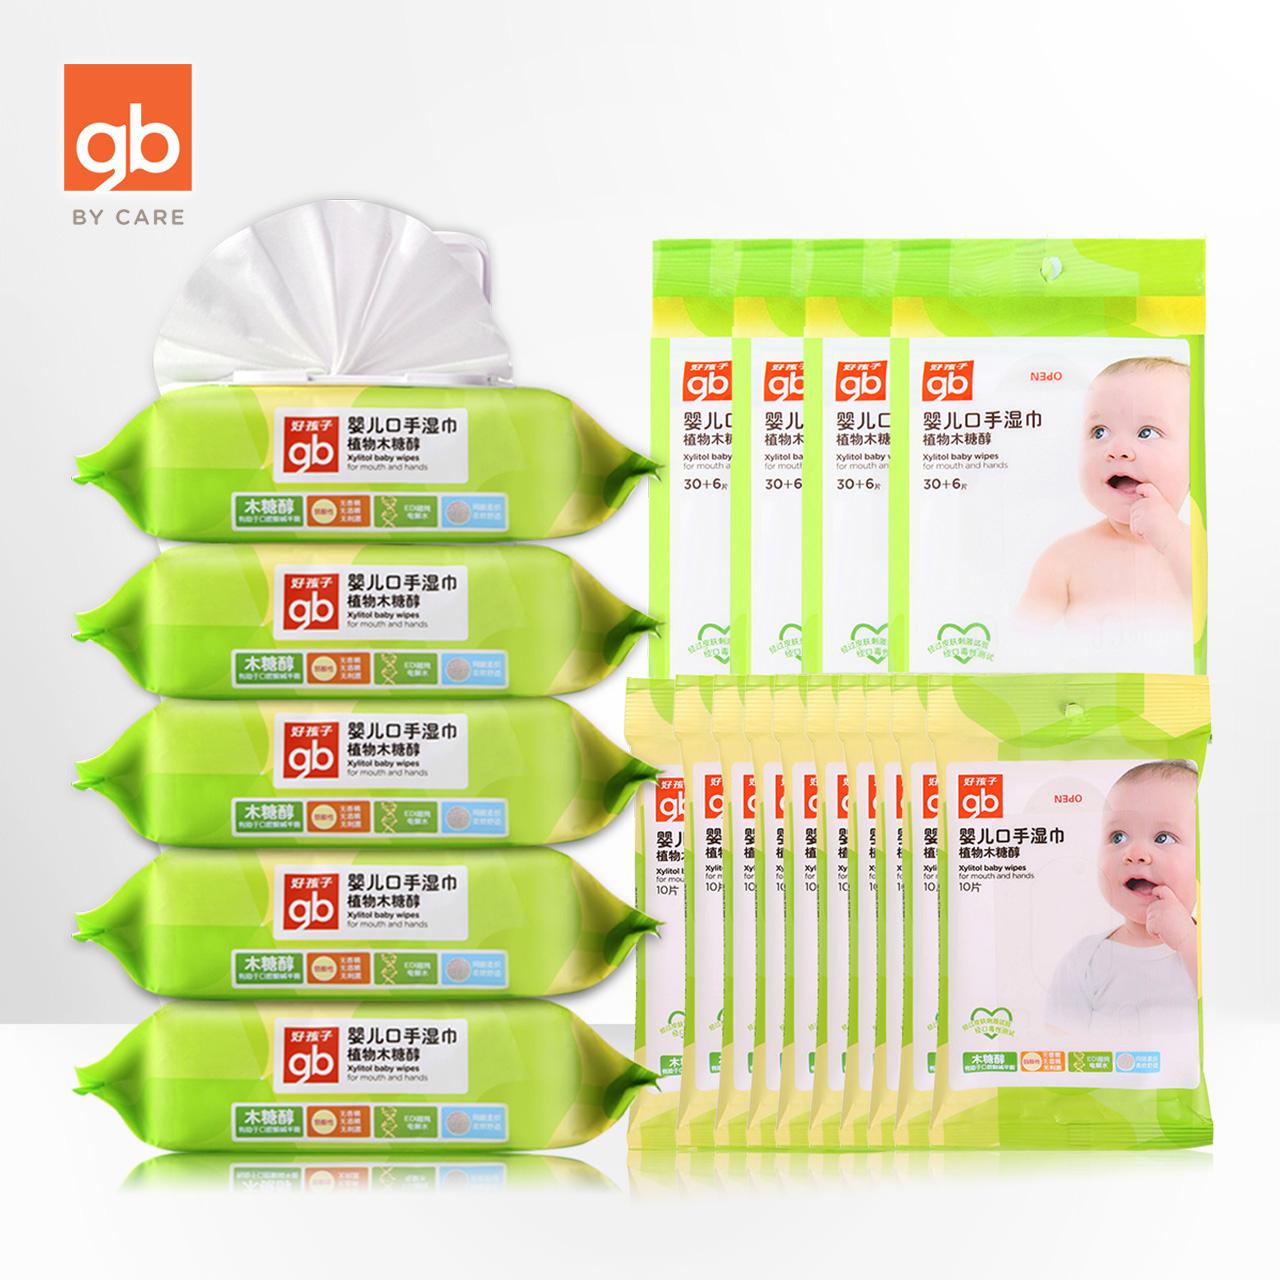 gb好孩子湿巾 婴儿湿纸巾 宝宝专用手口湿巾家用便携装19包组合装